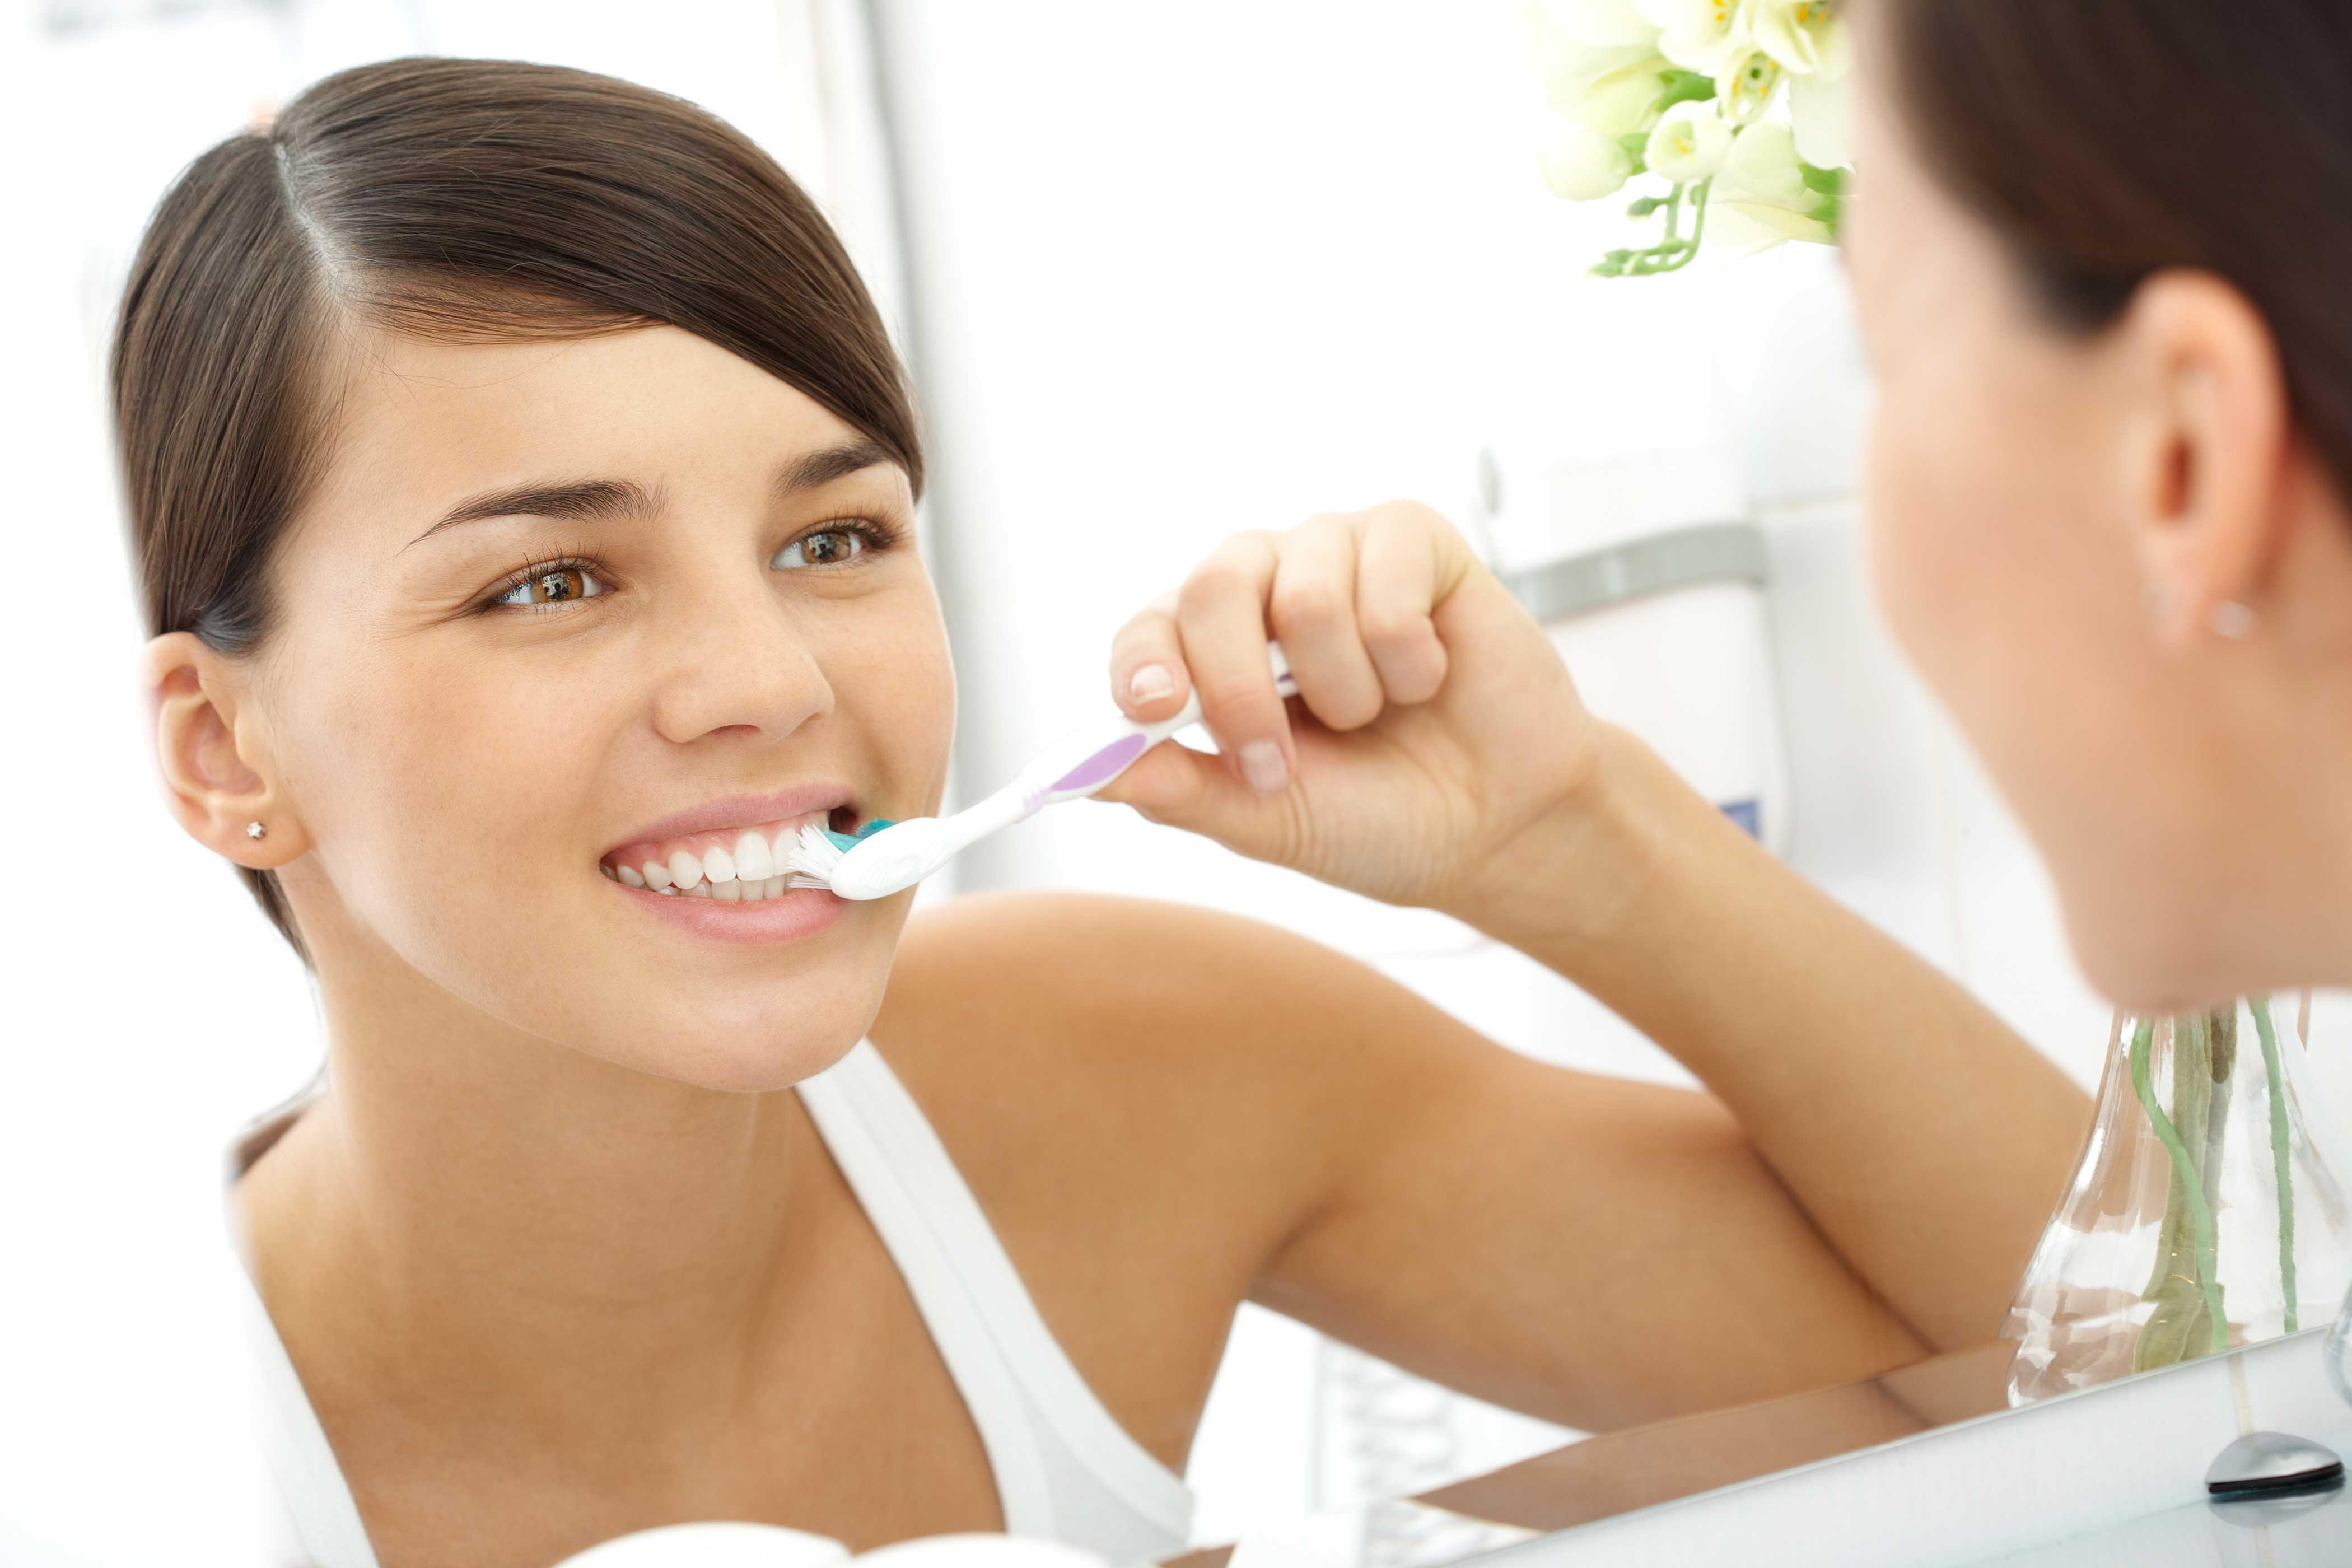 Bật mí cách làm trắng răng bằng baking soda và kem đánh răng cực nhanh tại nhà